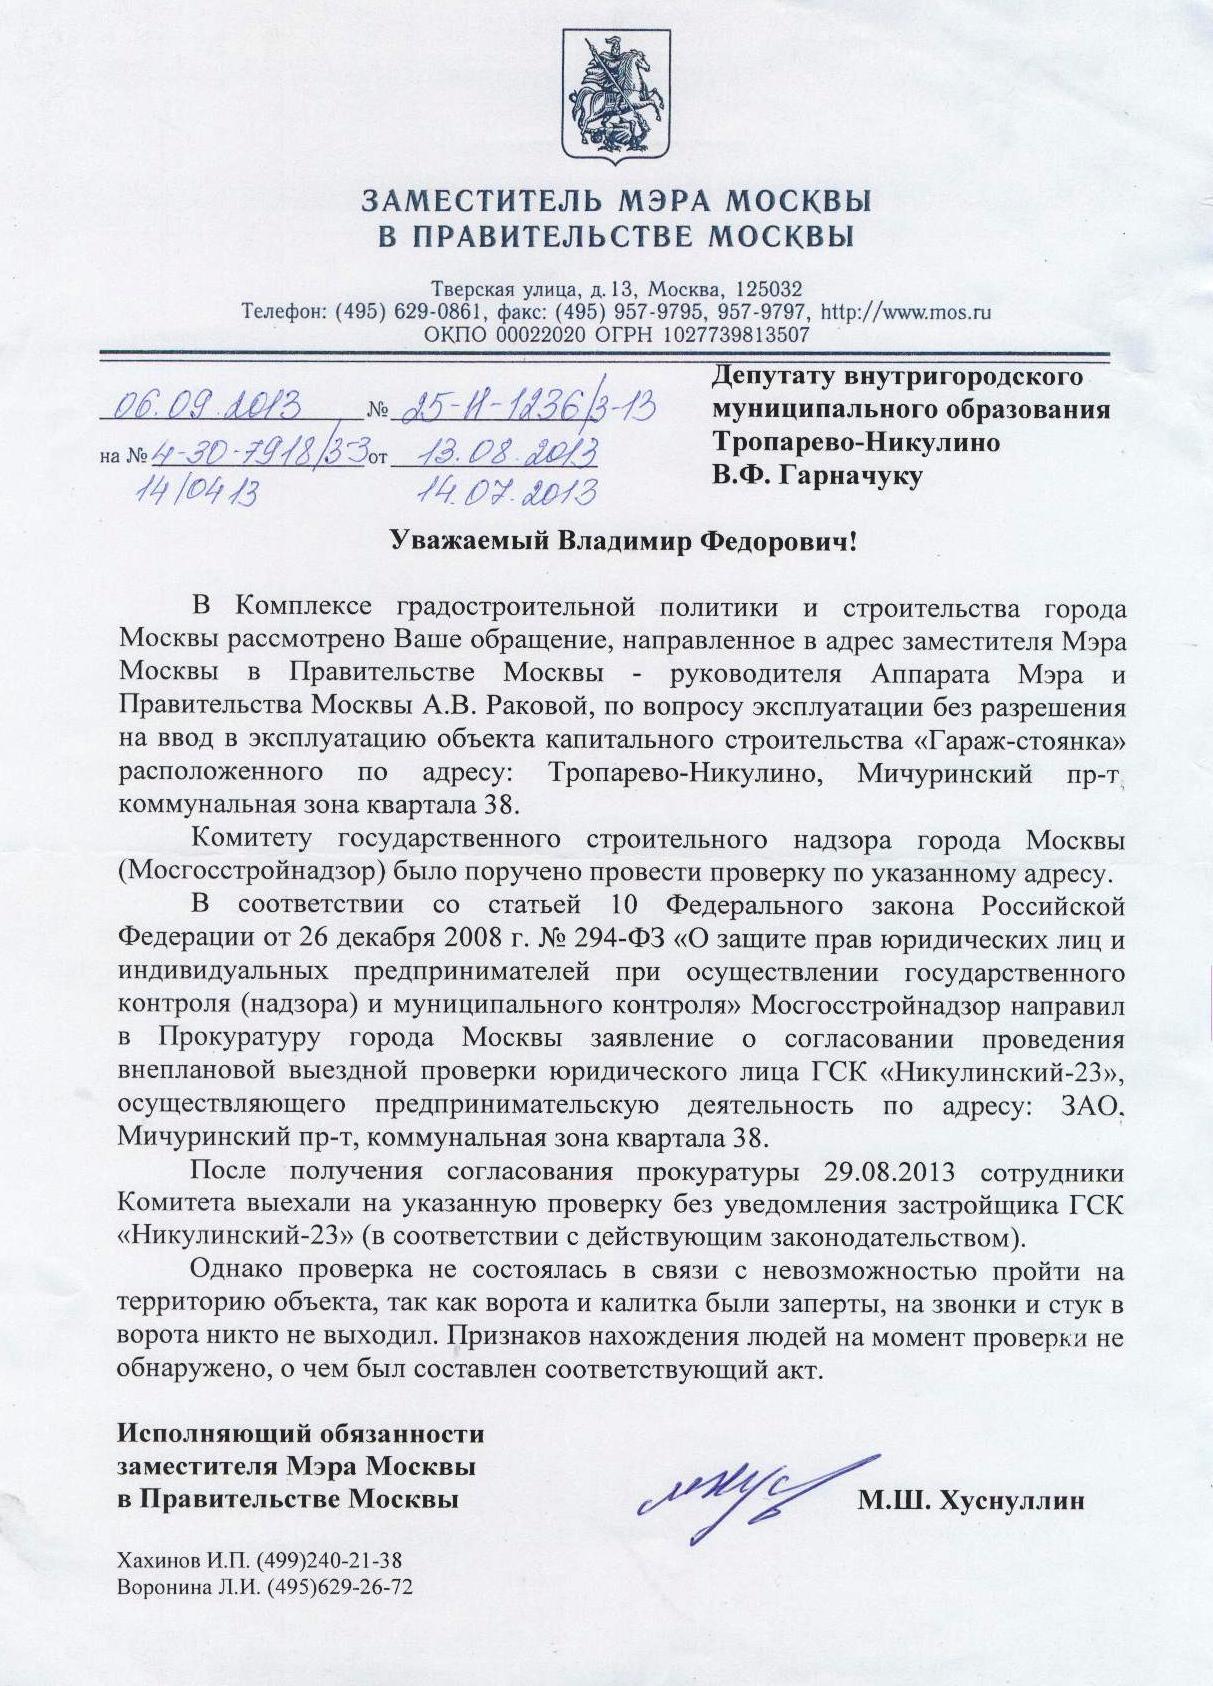 ответ Хуснуллин ГСК Никулинский 23  06.09.13